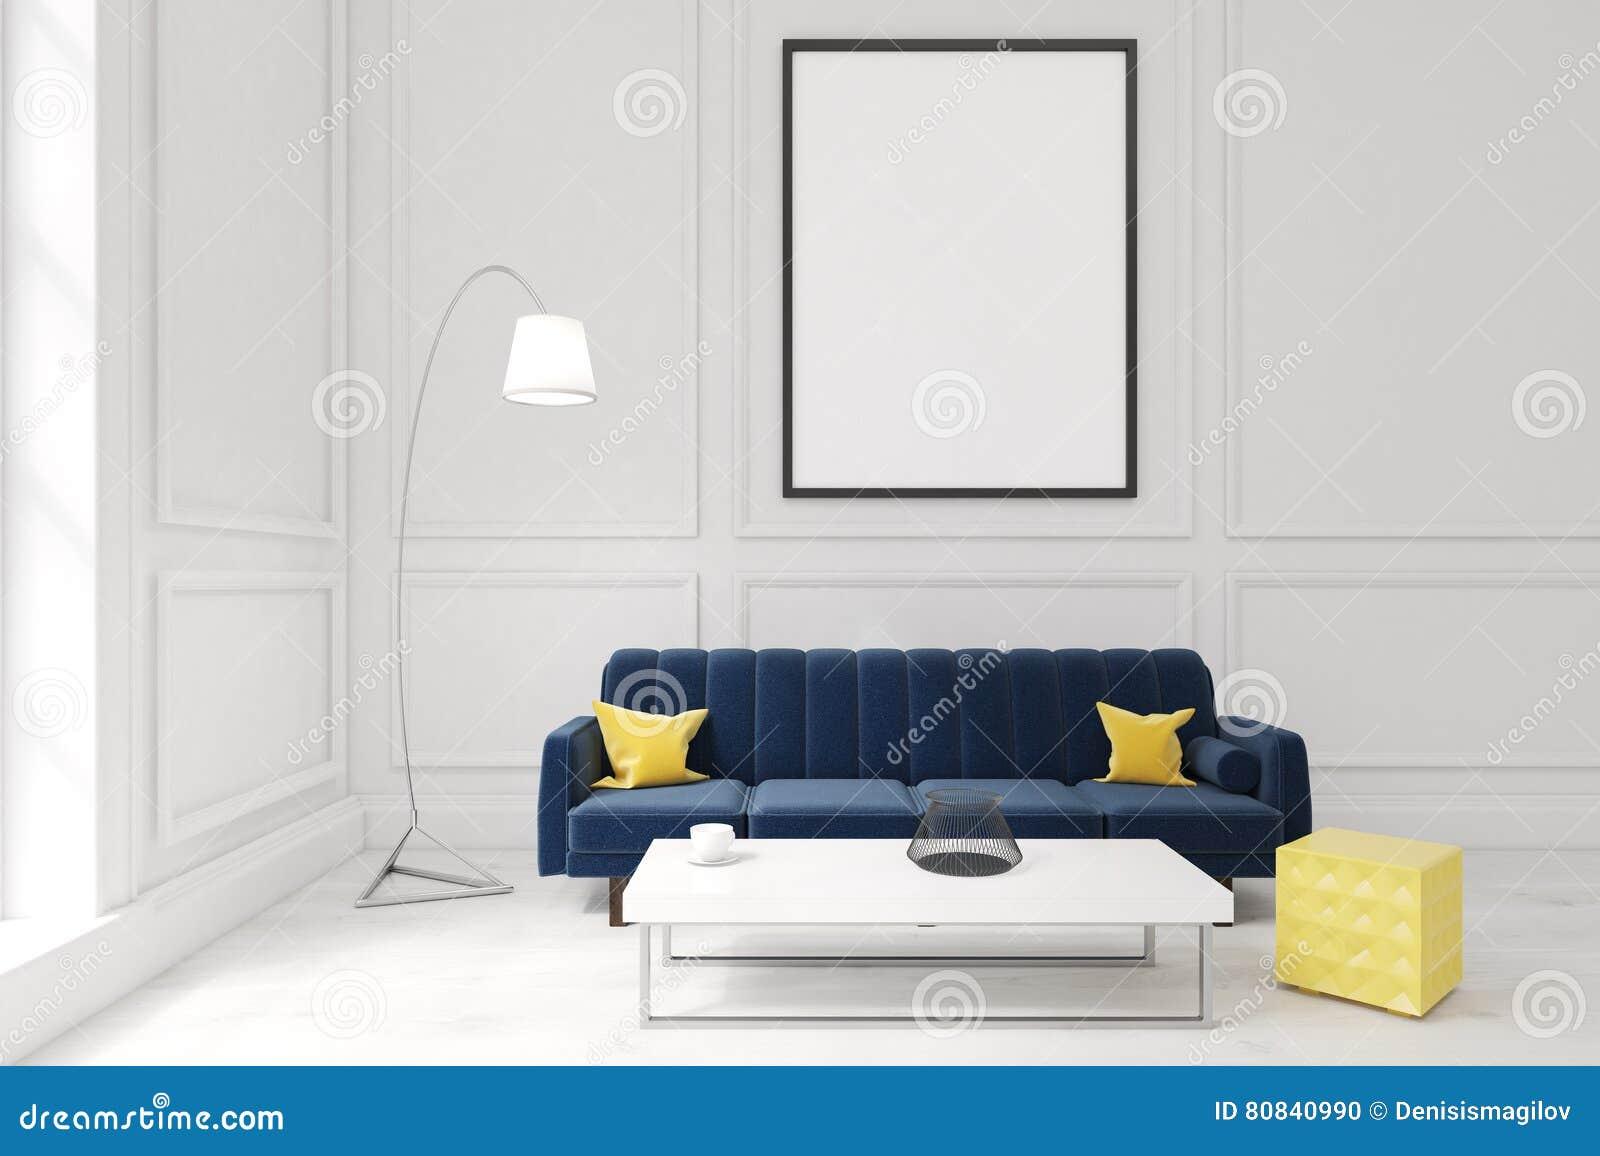 Table Basse Grand Salon salon avec l'affiche, le sofa bleu-foncé et une table basse